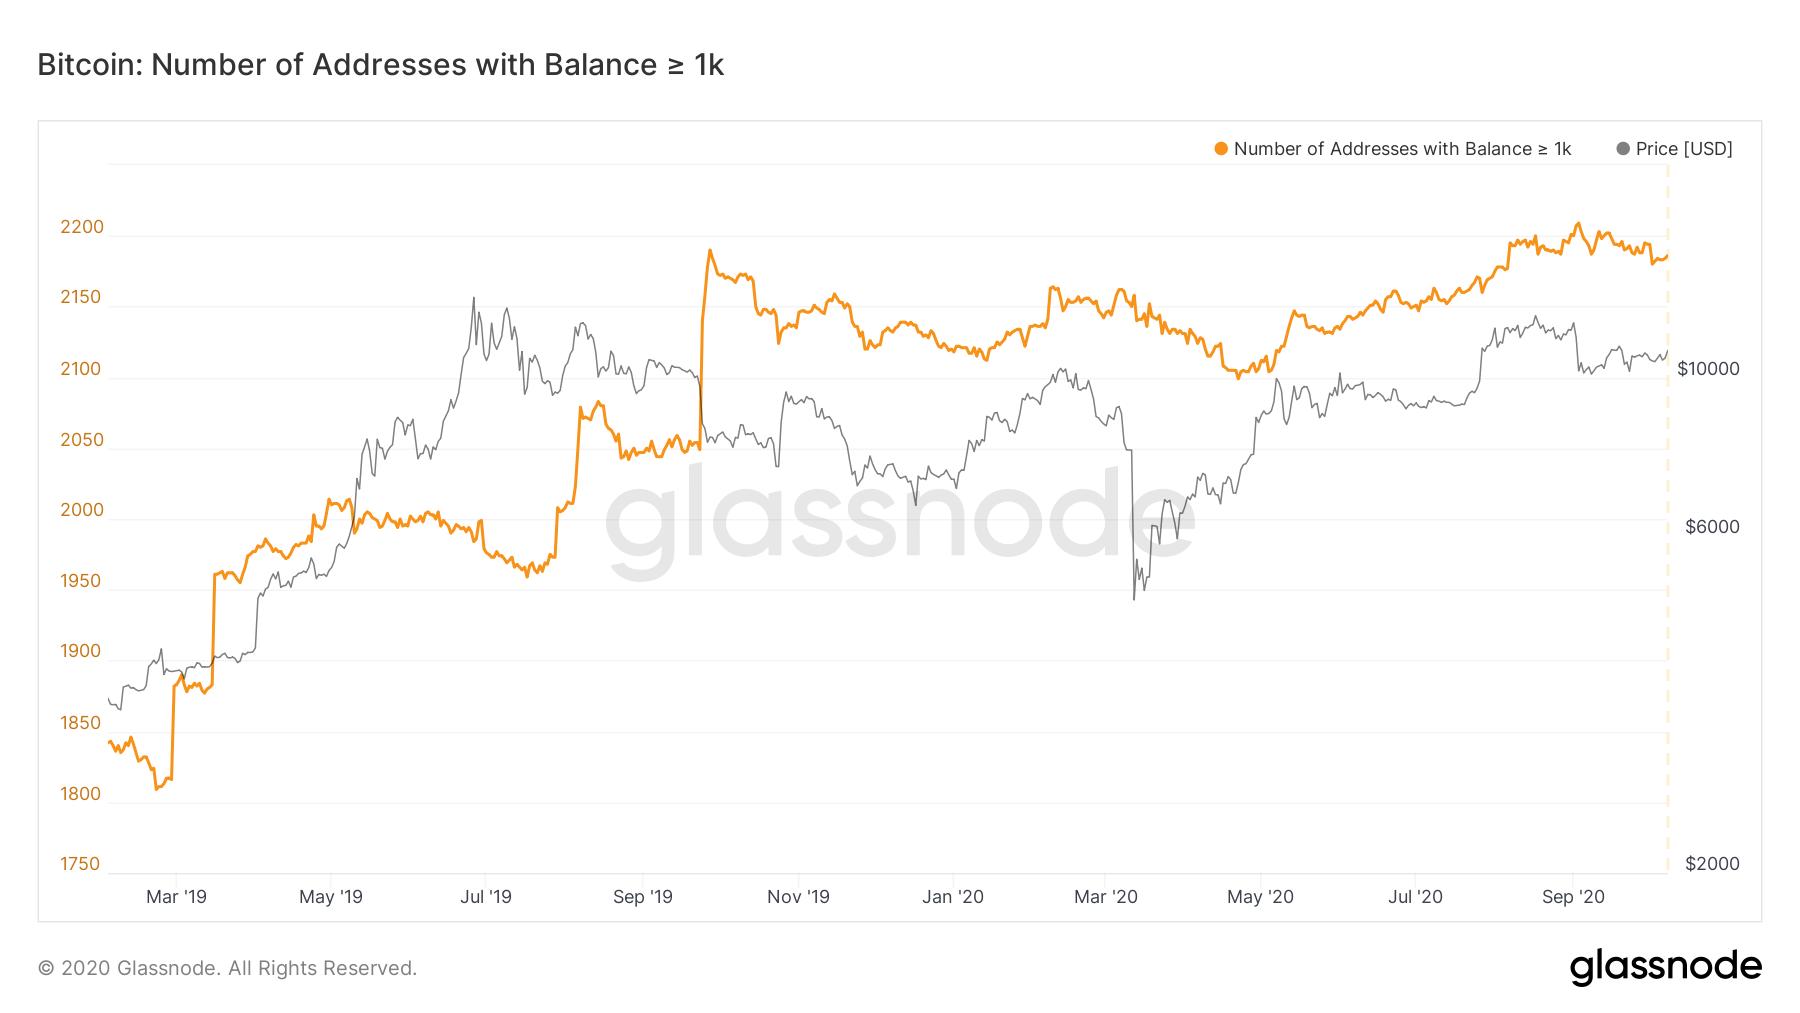 La cantidad de wallets de Bitcoin con al menos 1.000 BTC alcanzó su máximo histórico en septiembre de 2020 y sus valores se mantienen estables. Fuente: Glassnode